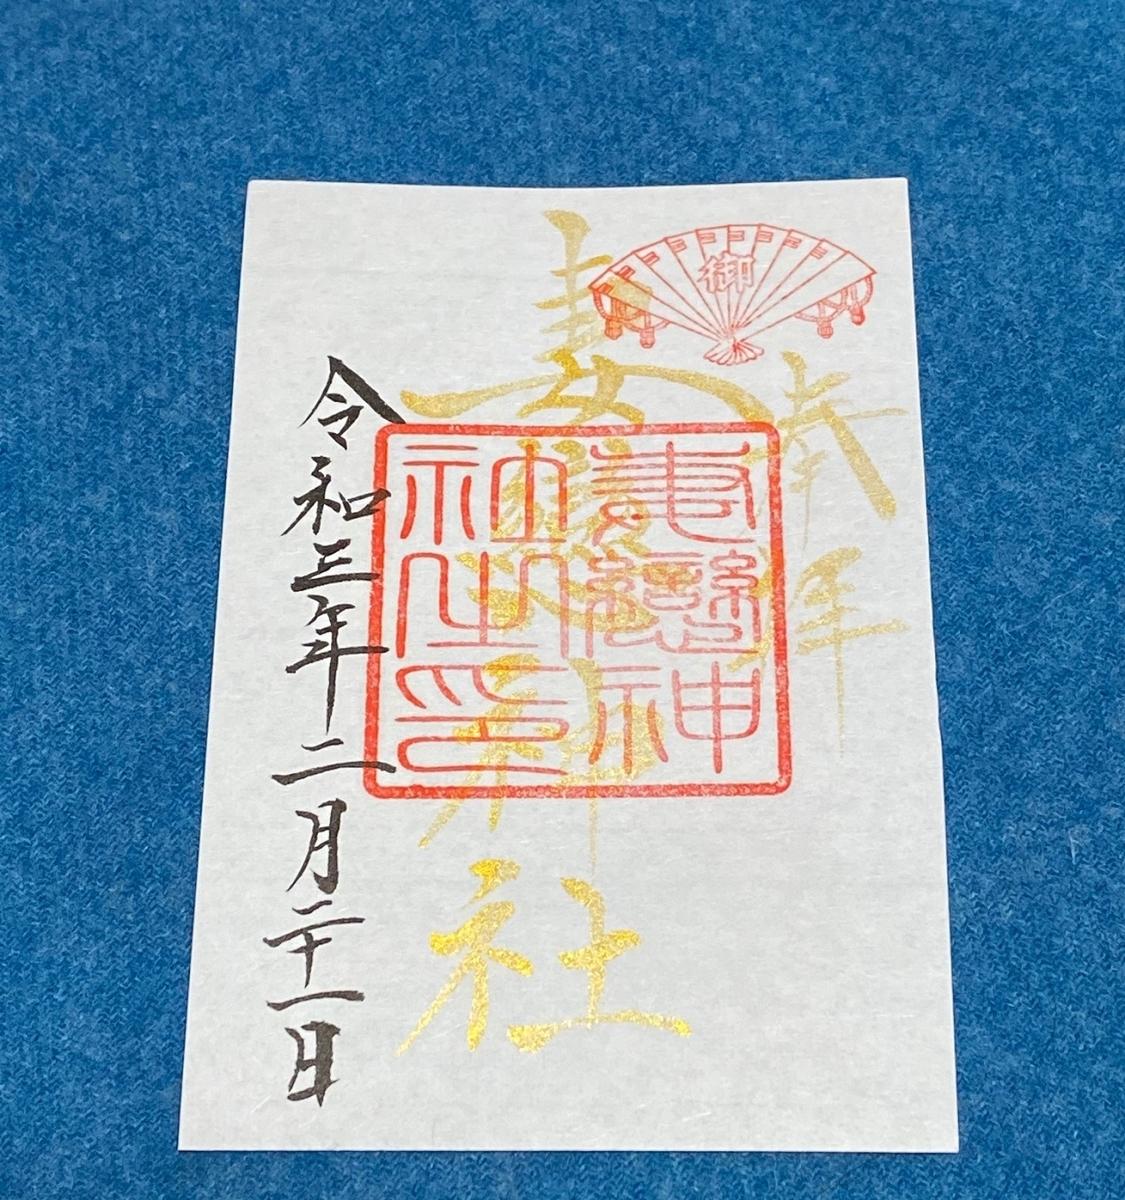 神田_妻恋神社_ネコのお告げ_2021022101